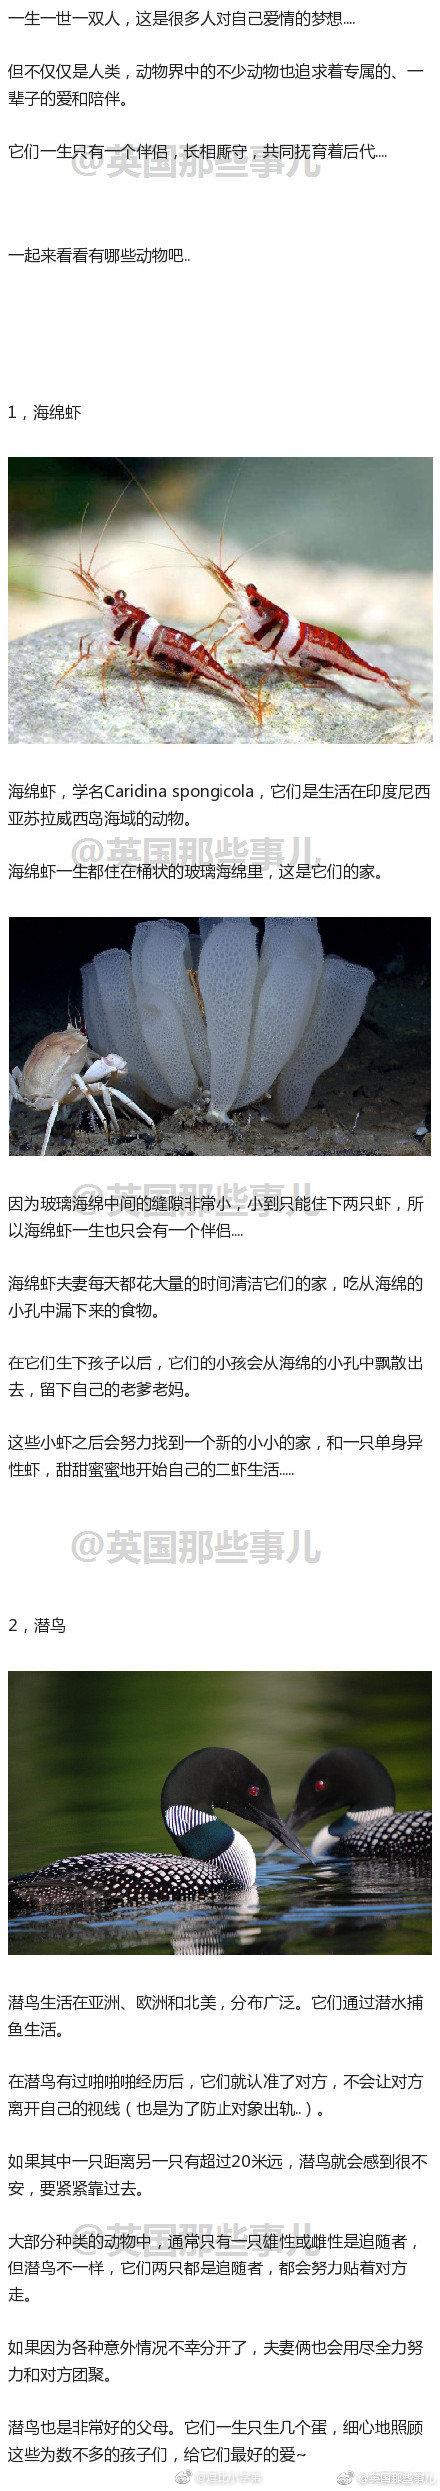 田鼠鲈鱼沙丘鹤,天鹅潜鸟海绵虾……这些动物